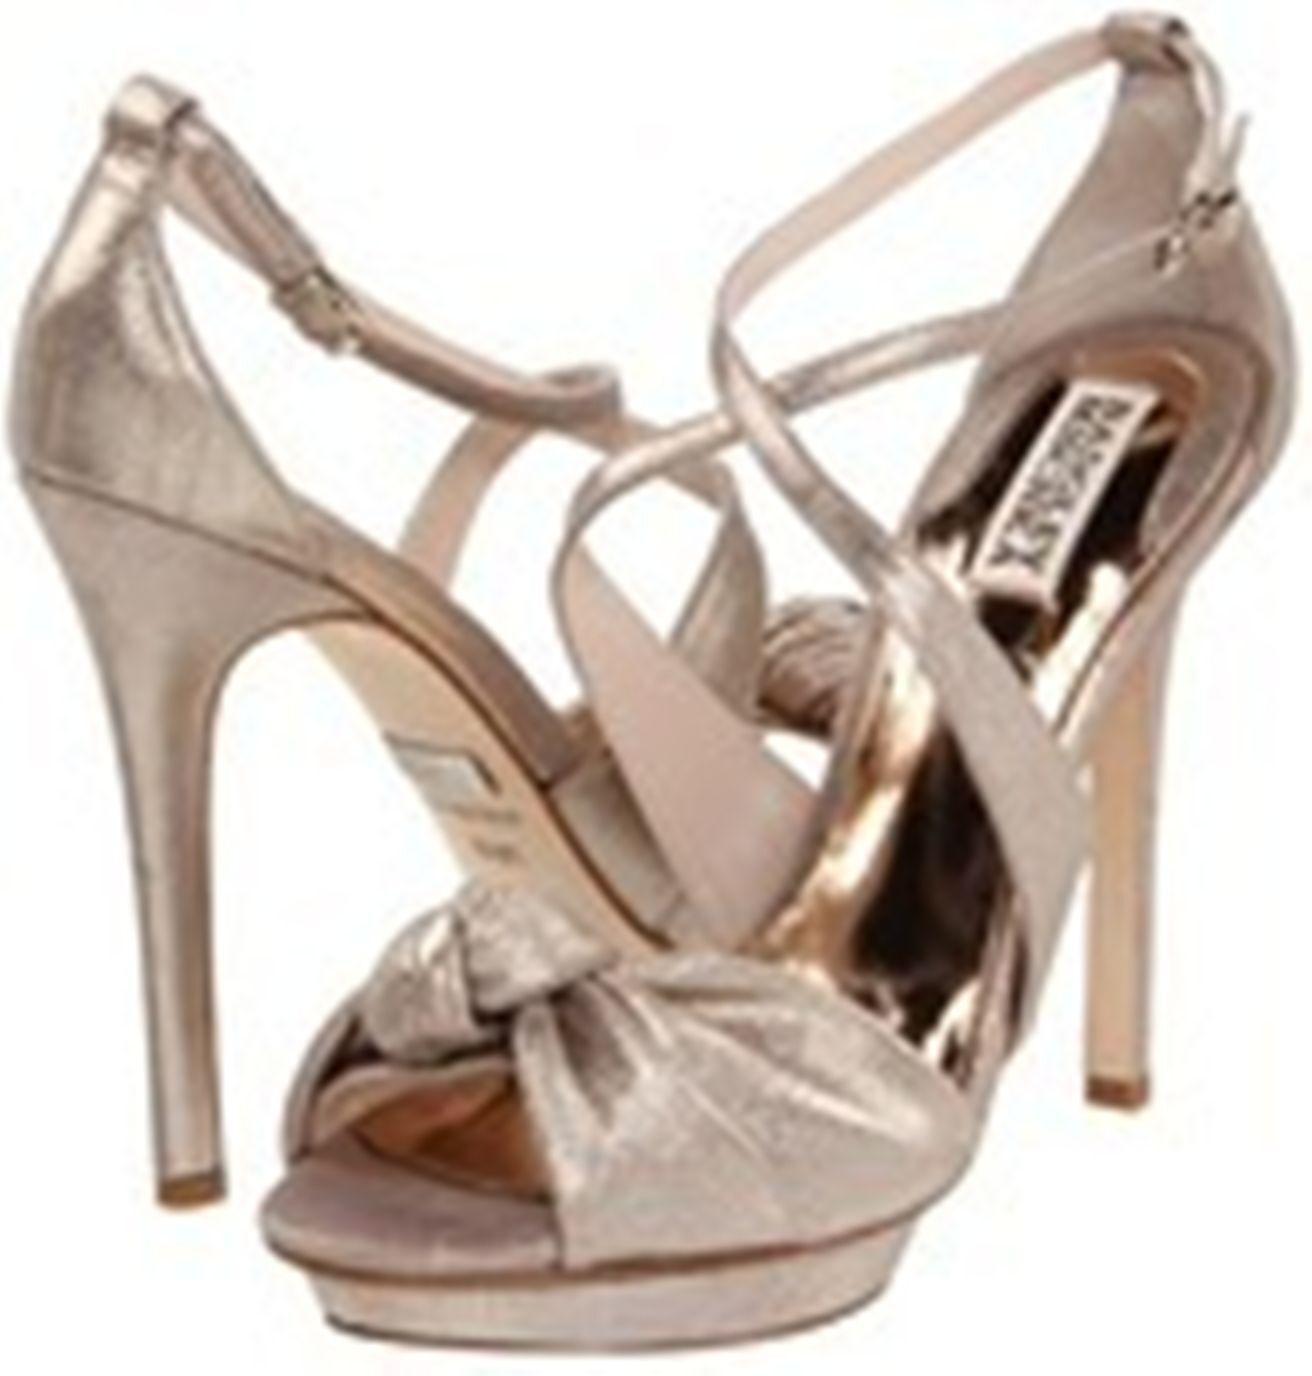 Nuevo En Caja Badgley Badgley Badgley Mischka Wallis correas de cuero metálico tacones sandalias Zapatos rosado 8  Venta en línea precio bajo descuento